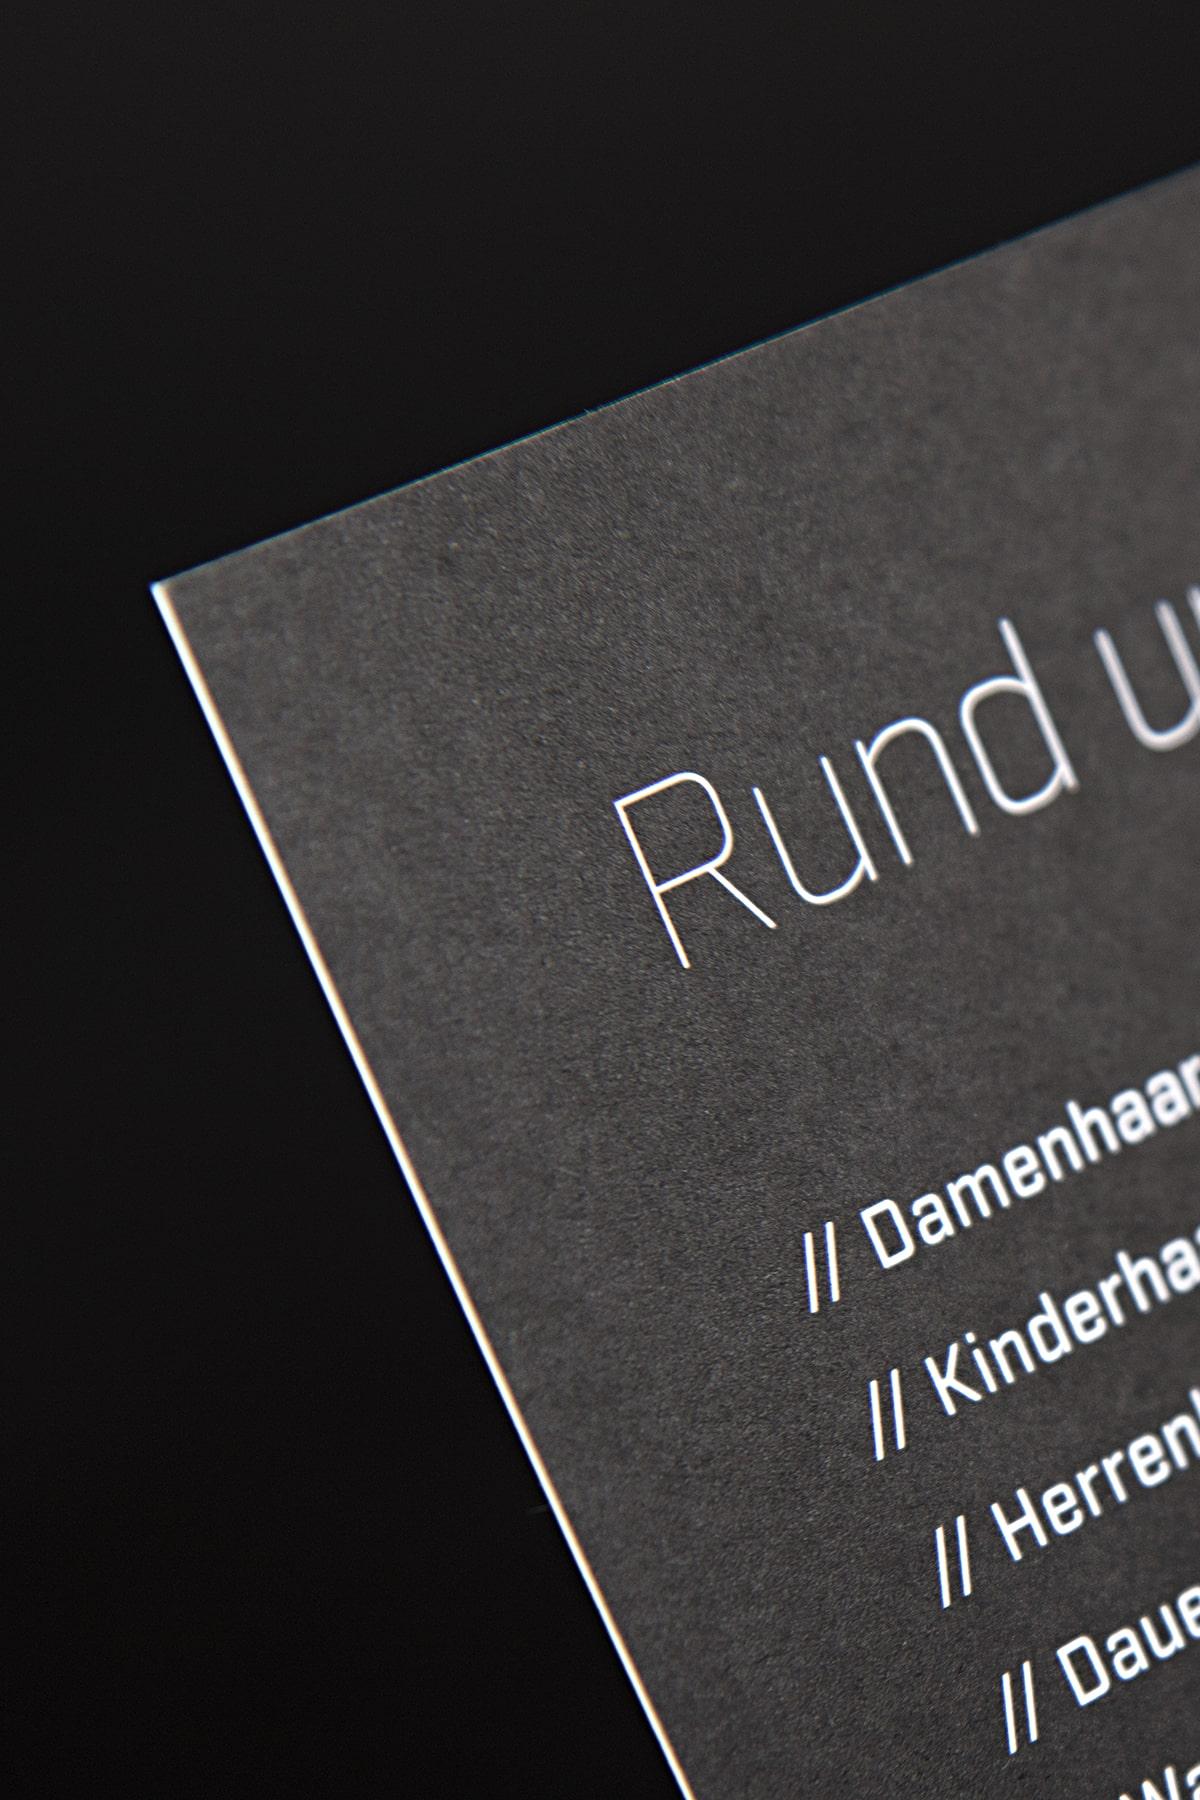 Konzeptarbeit ~ Corporate Design ~ Handzettel // Handzettel 300g // E1 Stylisten